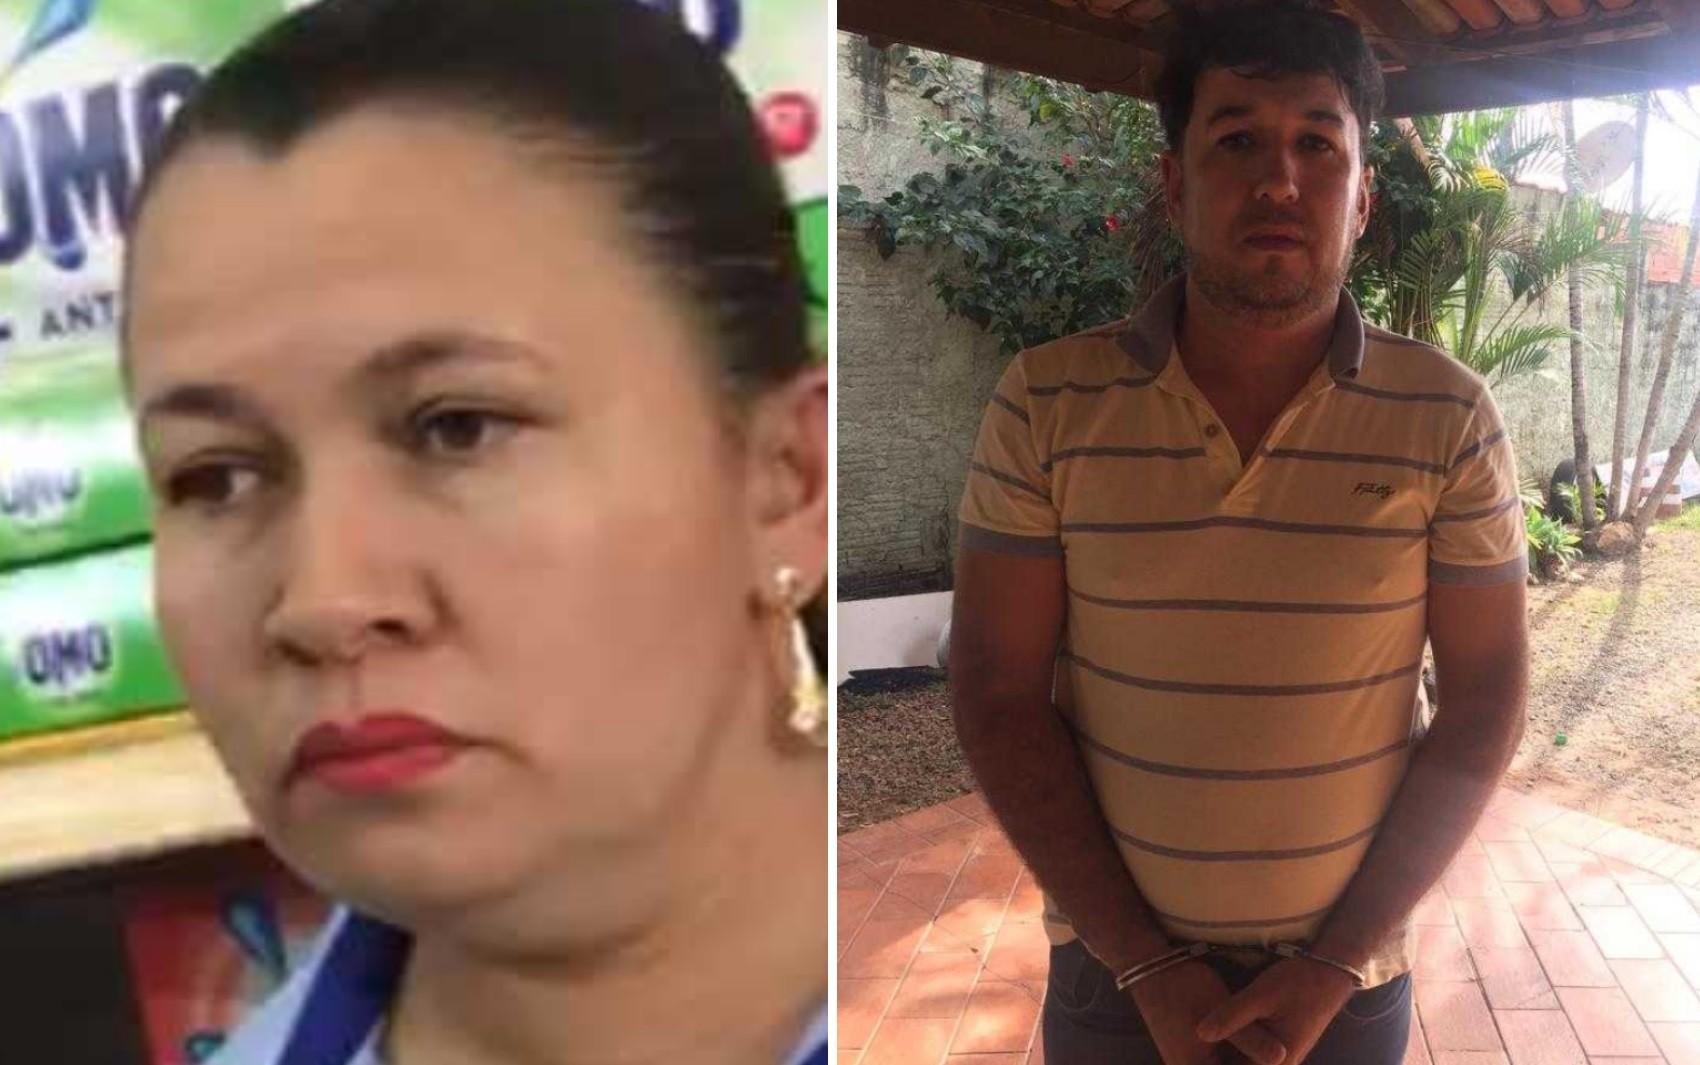 Mulher é presa em Goiás, junto com marido, suspeita de matar irmã adotiva de 11 anos em Alagoas